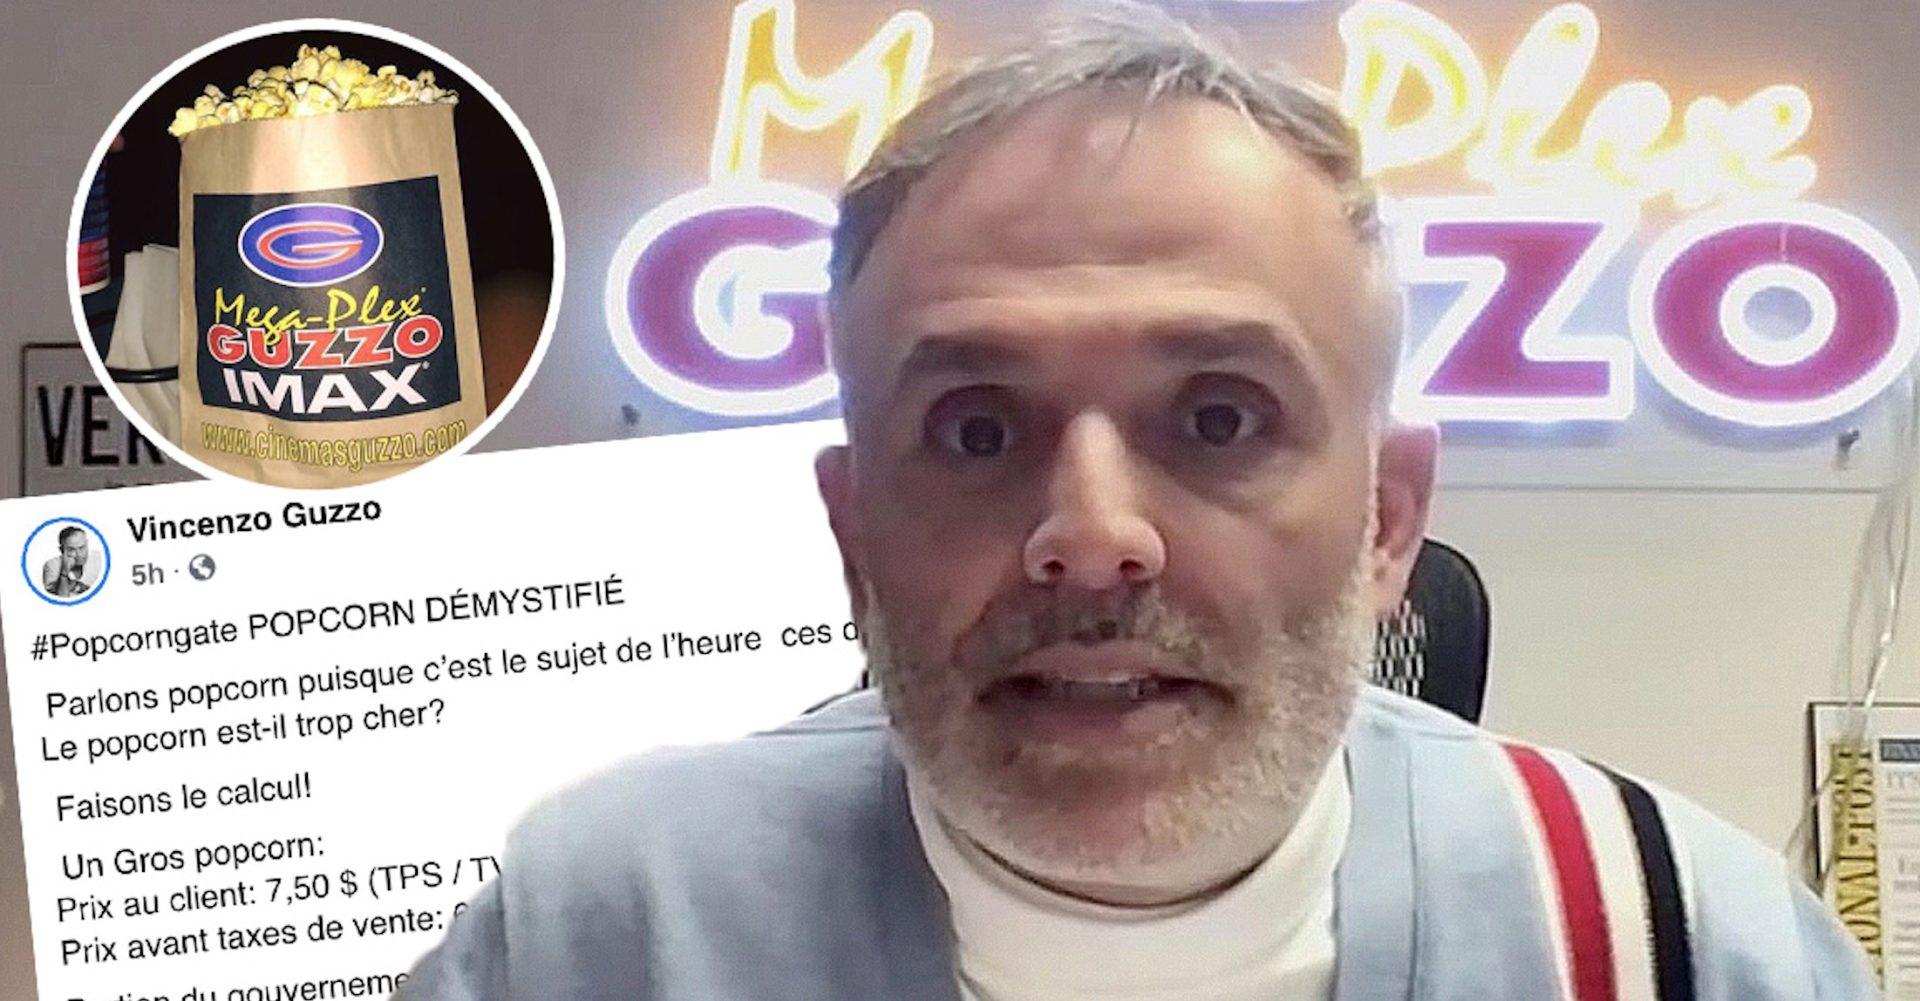 Vincenzo Guzzo explique que le popcorn dans ses cinémas n'est vraiment pas cher